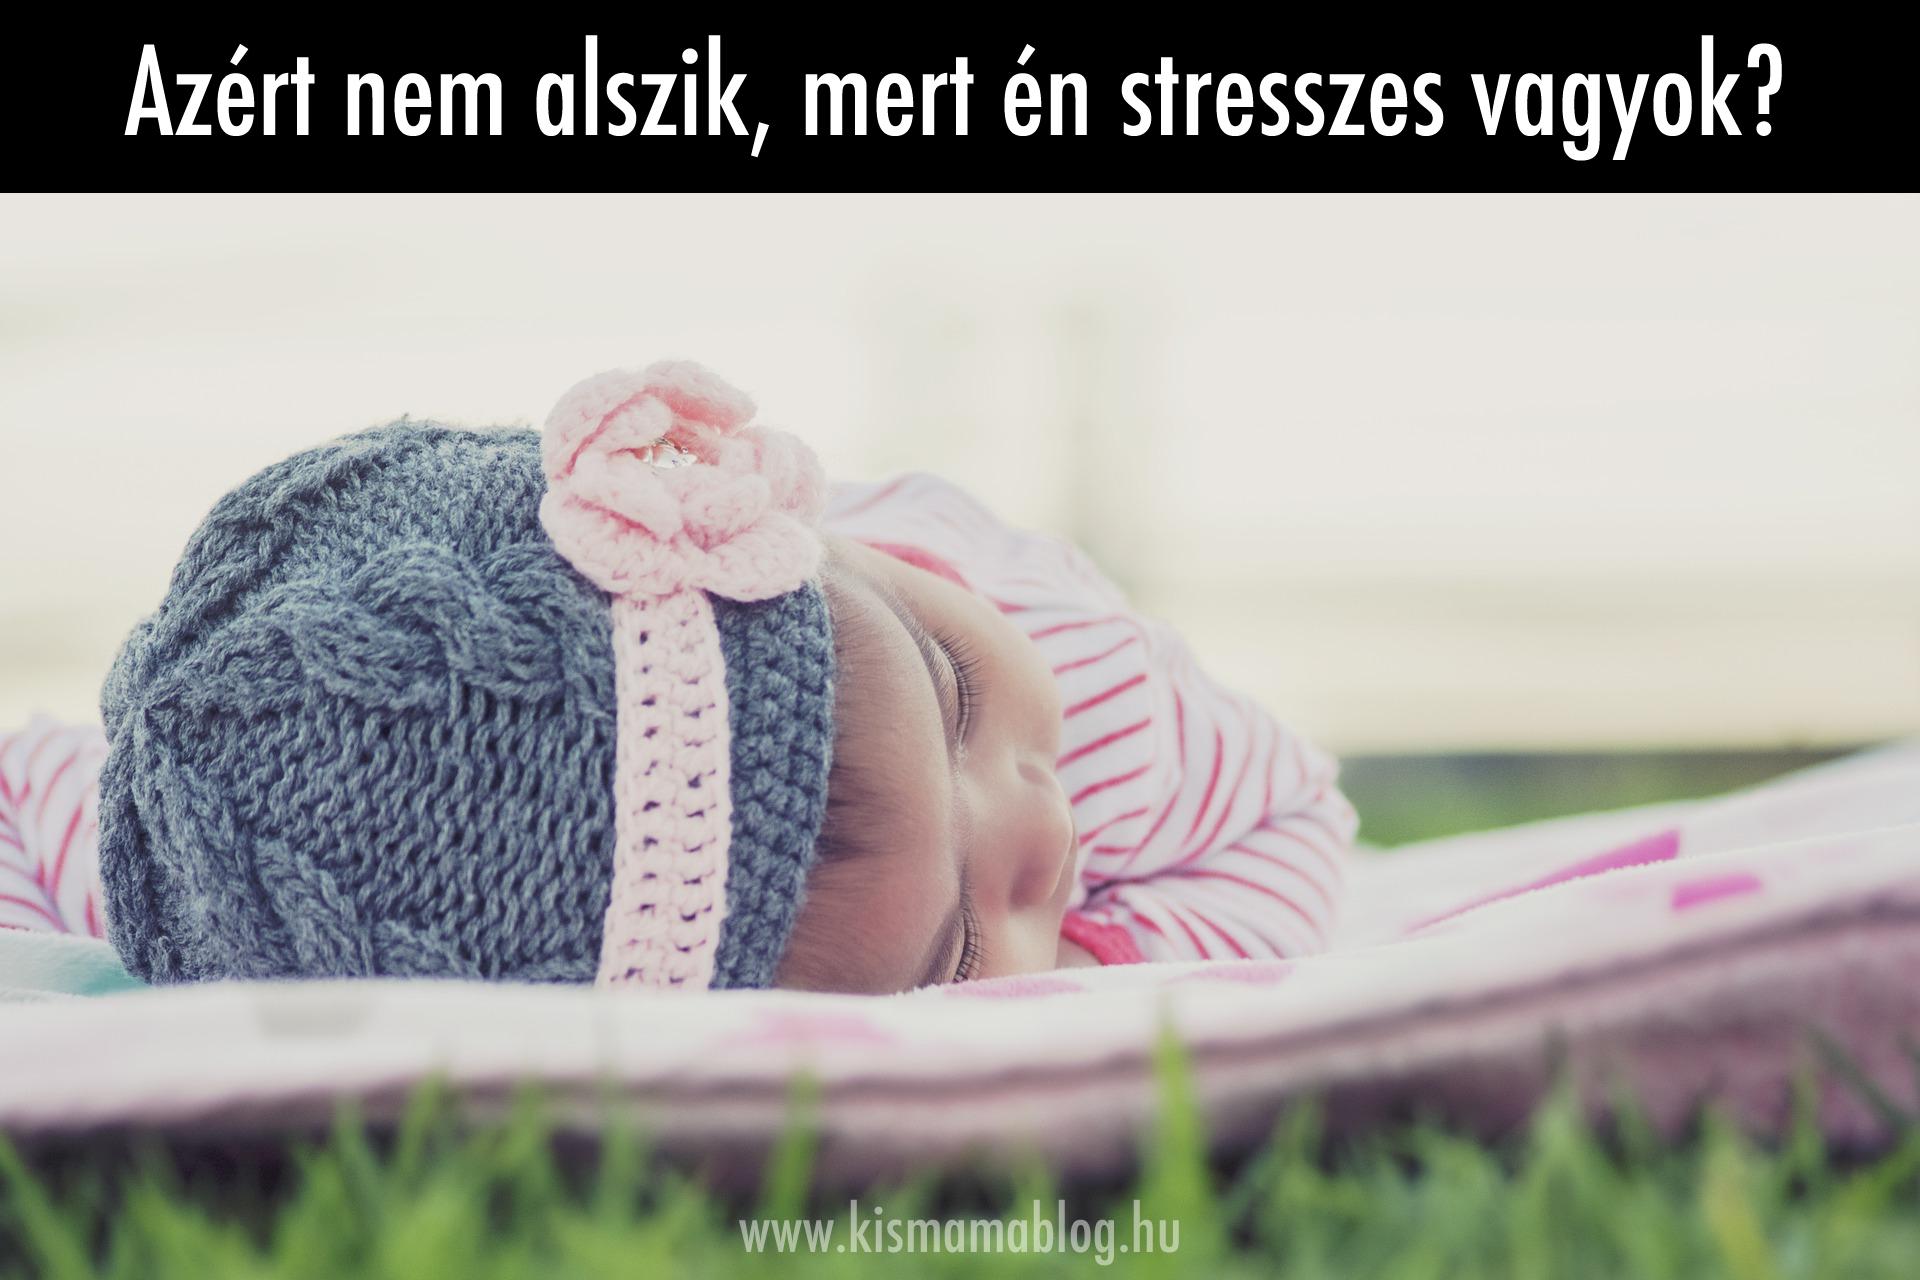 Azért nem alszik, mert én stresszes vagyok?